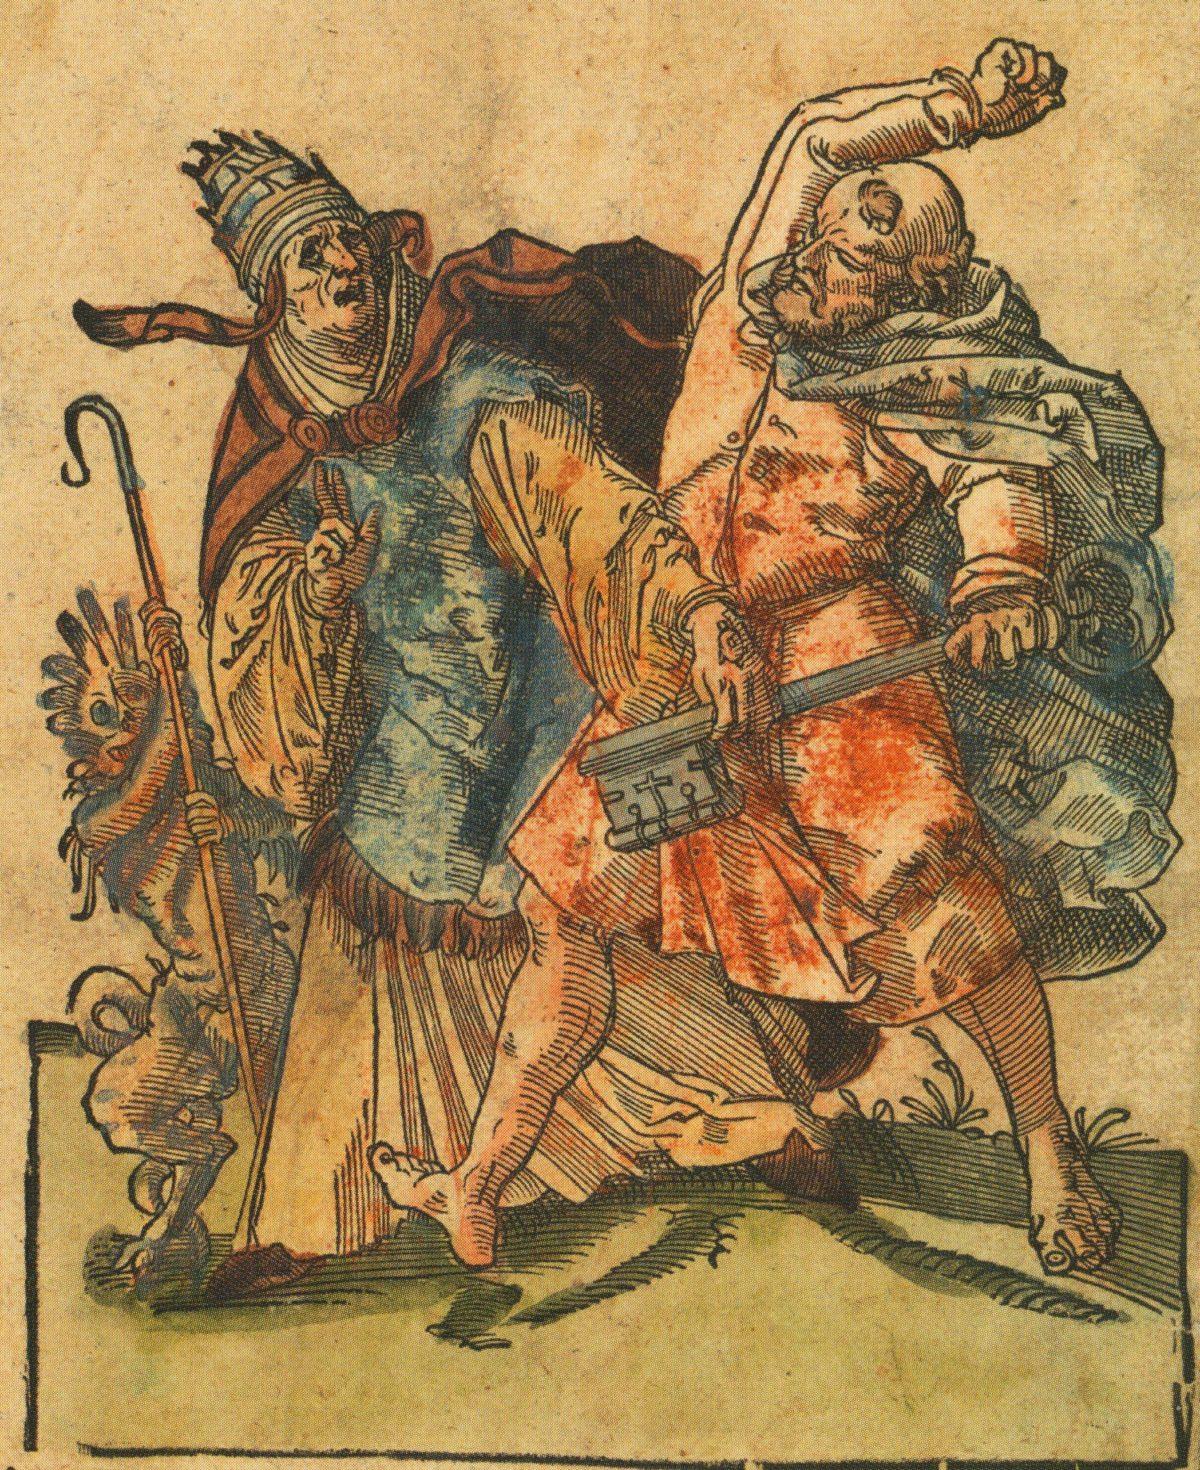 Colloque Objets chrétiens en conflits (XVIe-XVIIIe s.) Approches croisées